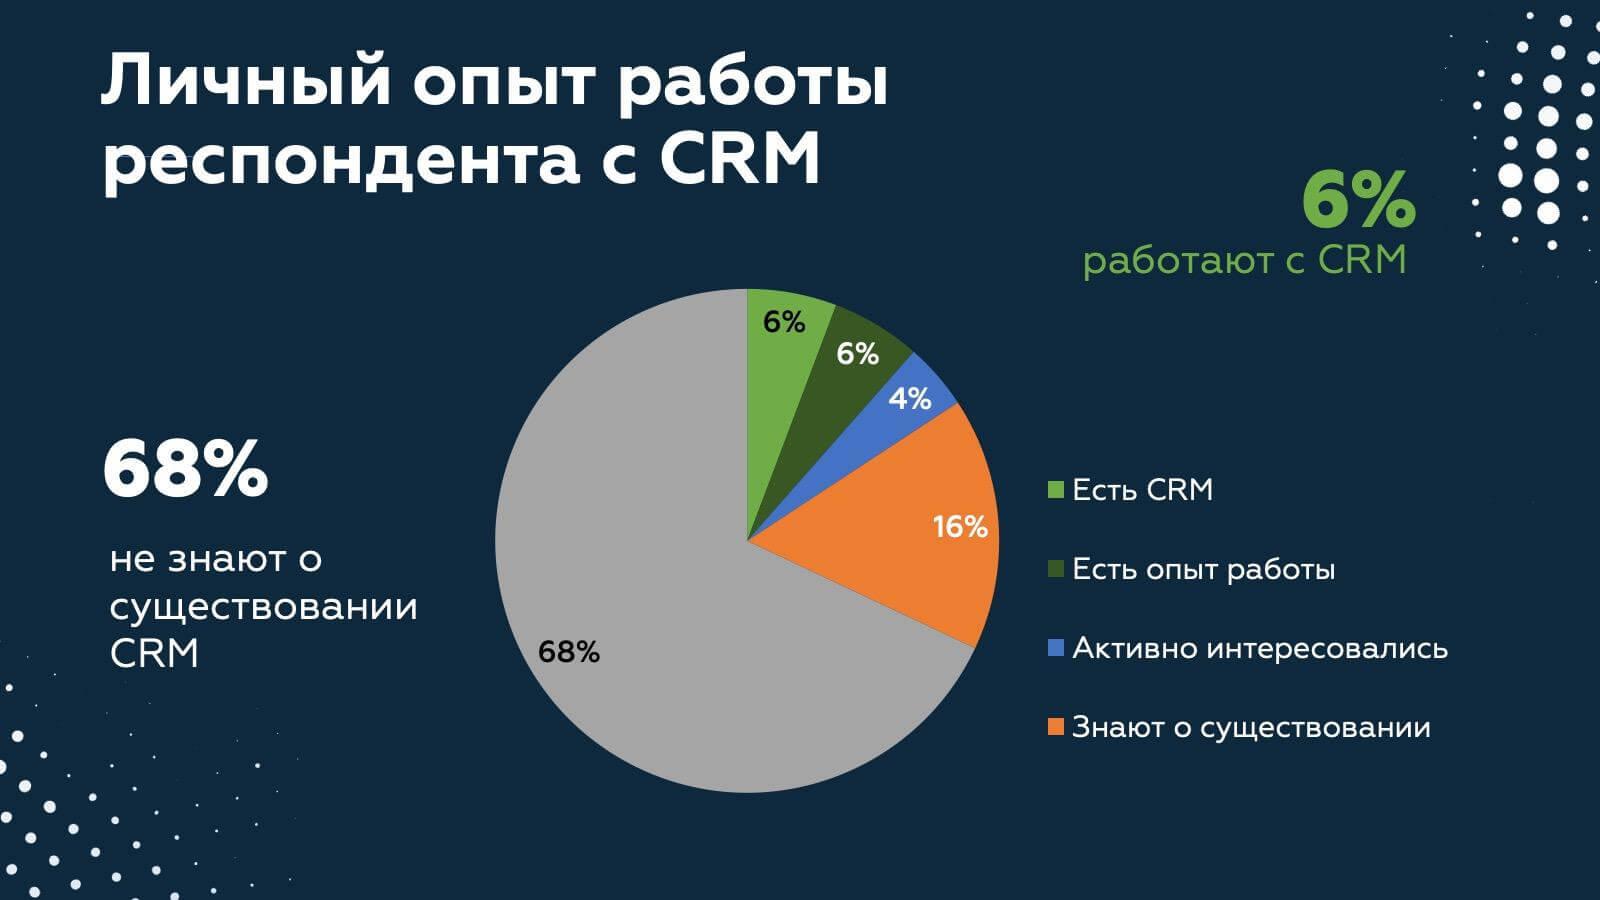 Исследование СРМ